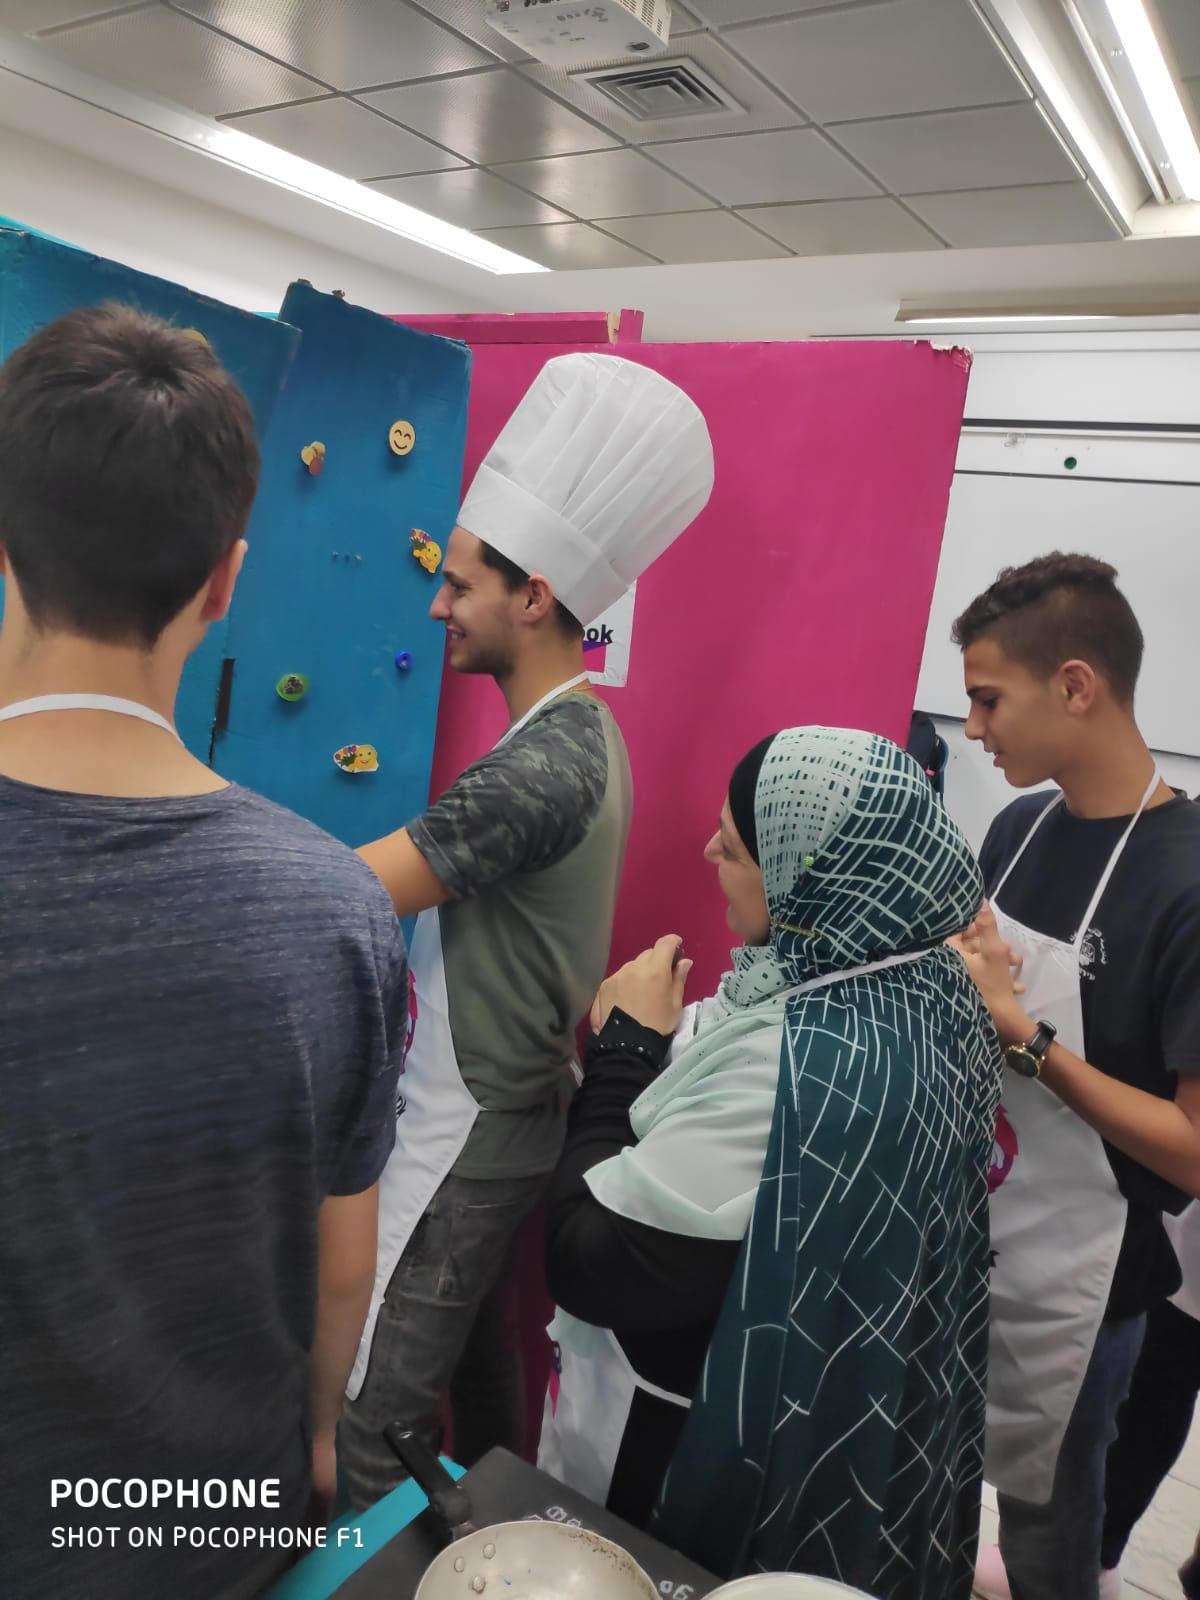 اختيار طلاب يافا الشاملة لعرض غرفة الهروب خلال مؤتمر المبادرات والتجديد بكلية أورط - نتانيا